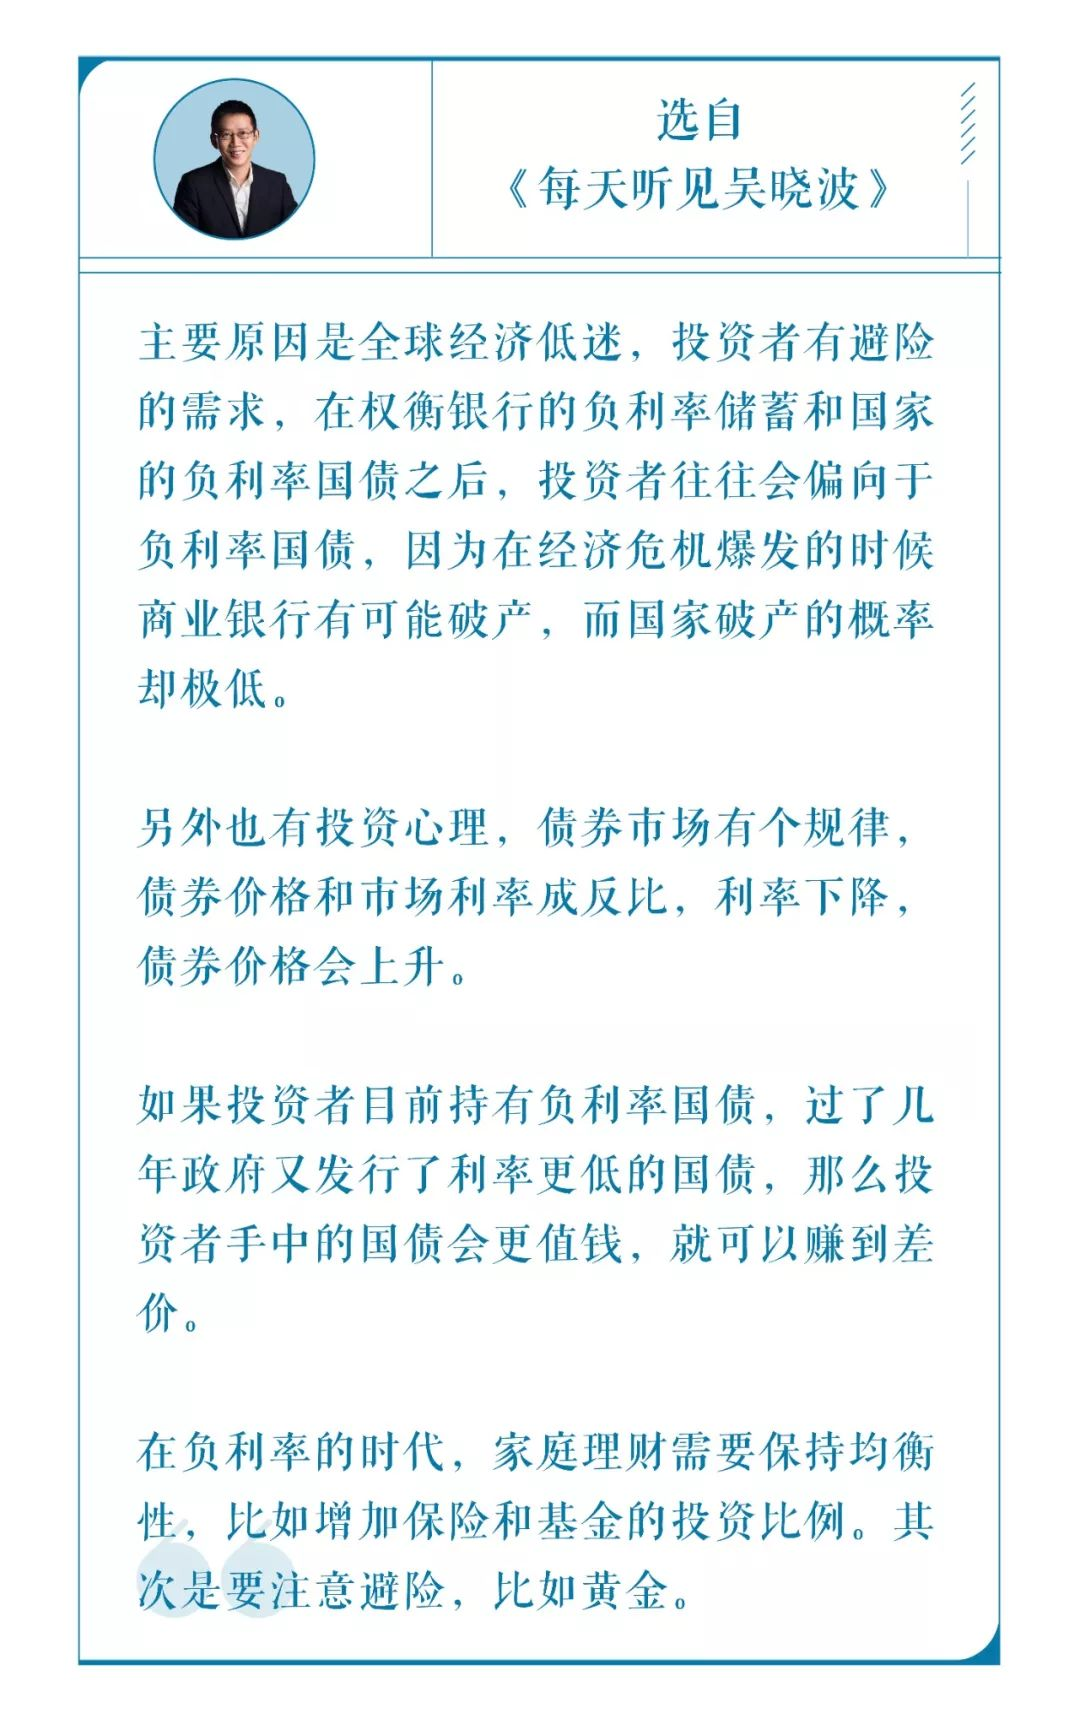 足球滚球数据软件-诗和歌结合,嘉定庆祝新中国成立七十周年